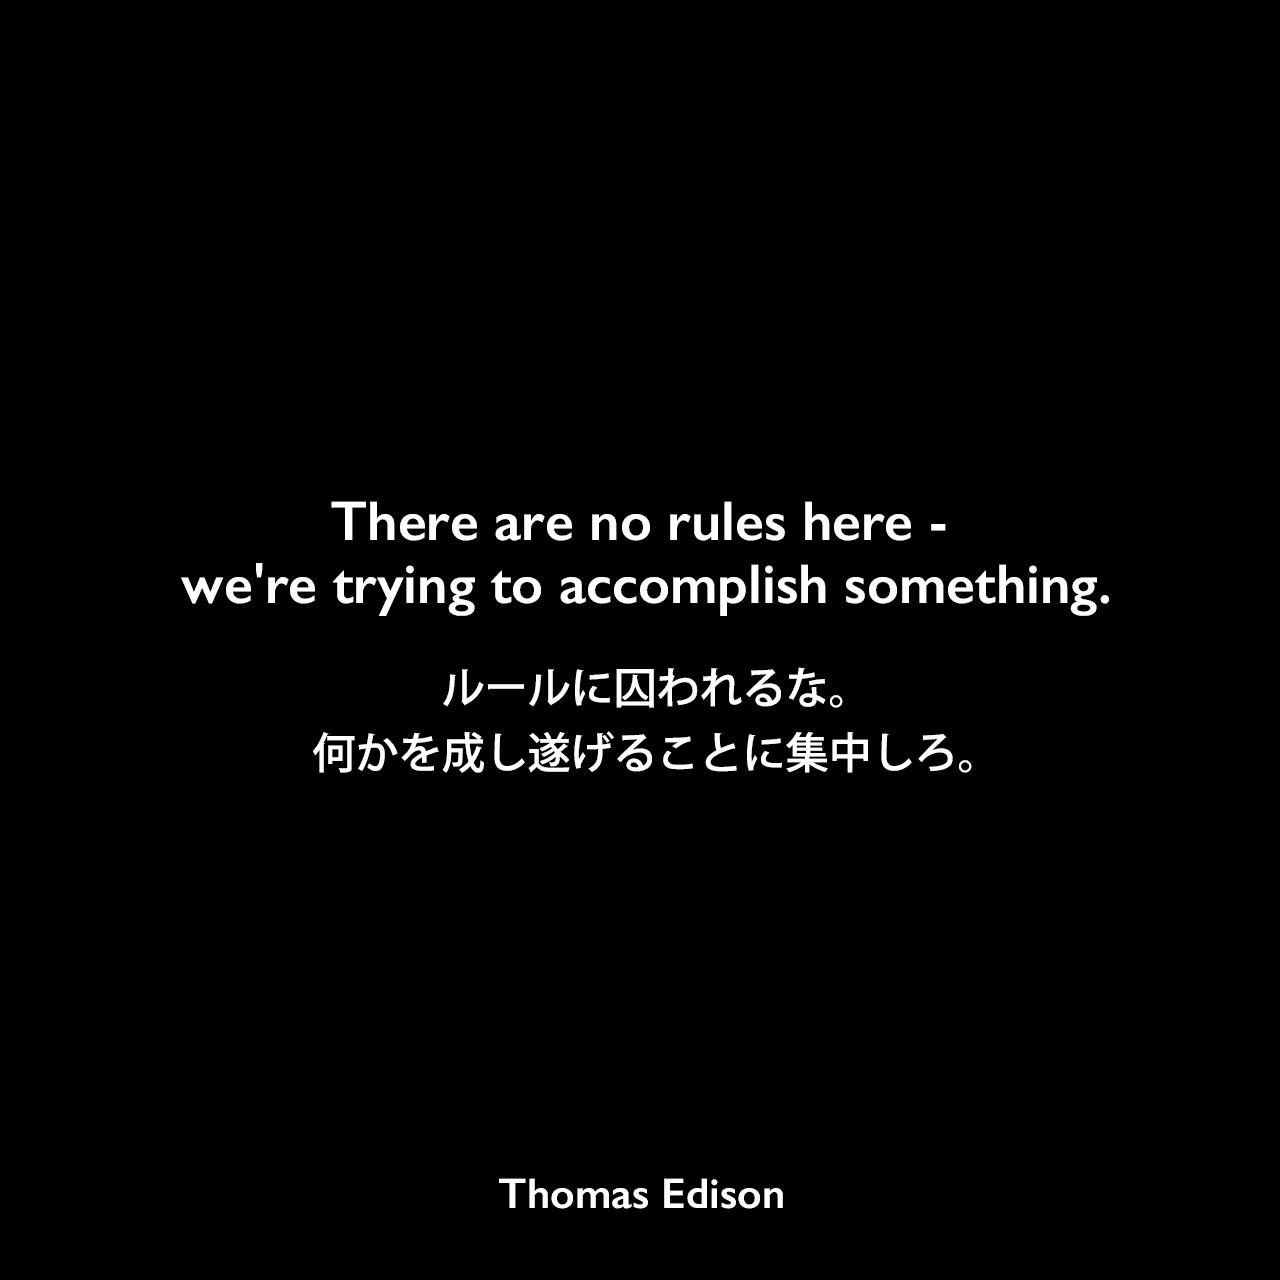 There are no rules here -- we're trying to accomplish something.ルールに囚われるな。何かを成し遂げることに集中しろ。- Edison Innovation Foundationよりエジソンの言葉として引用Thomas Edison